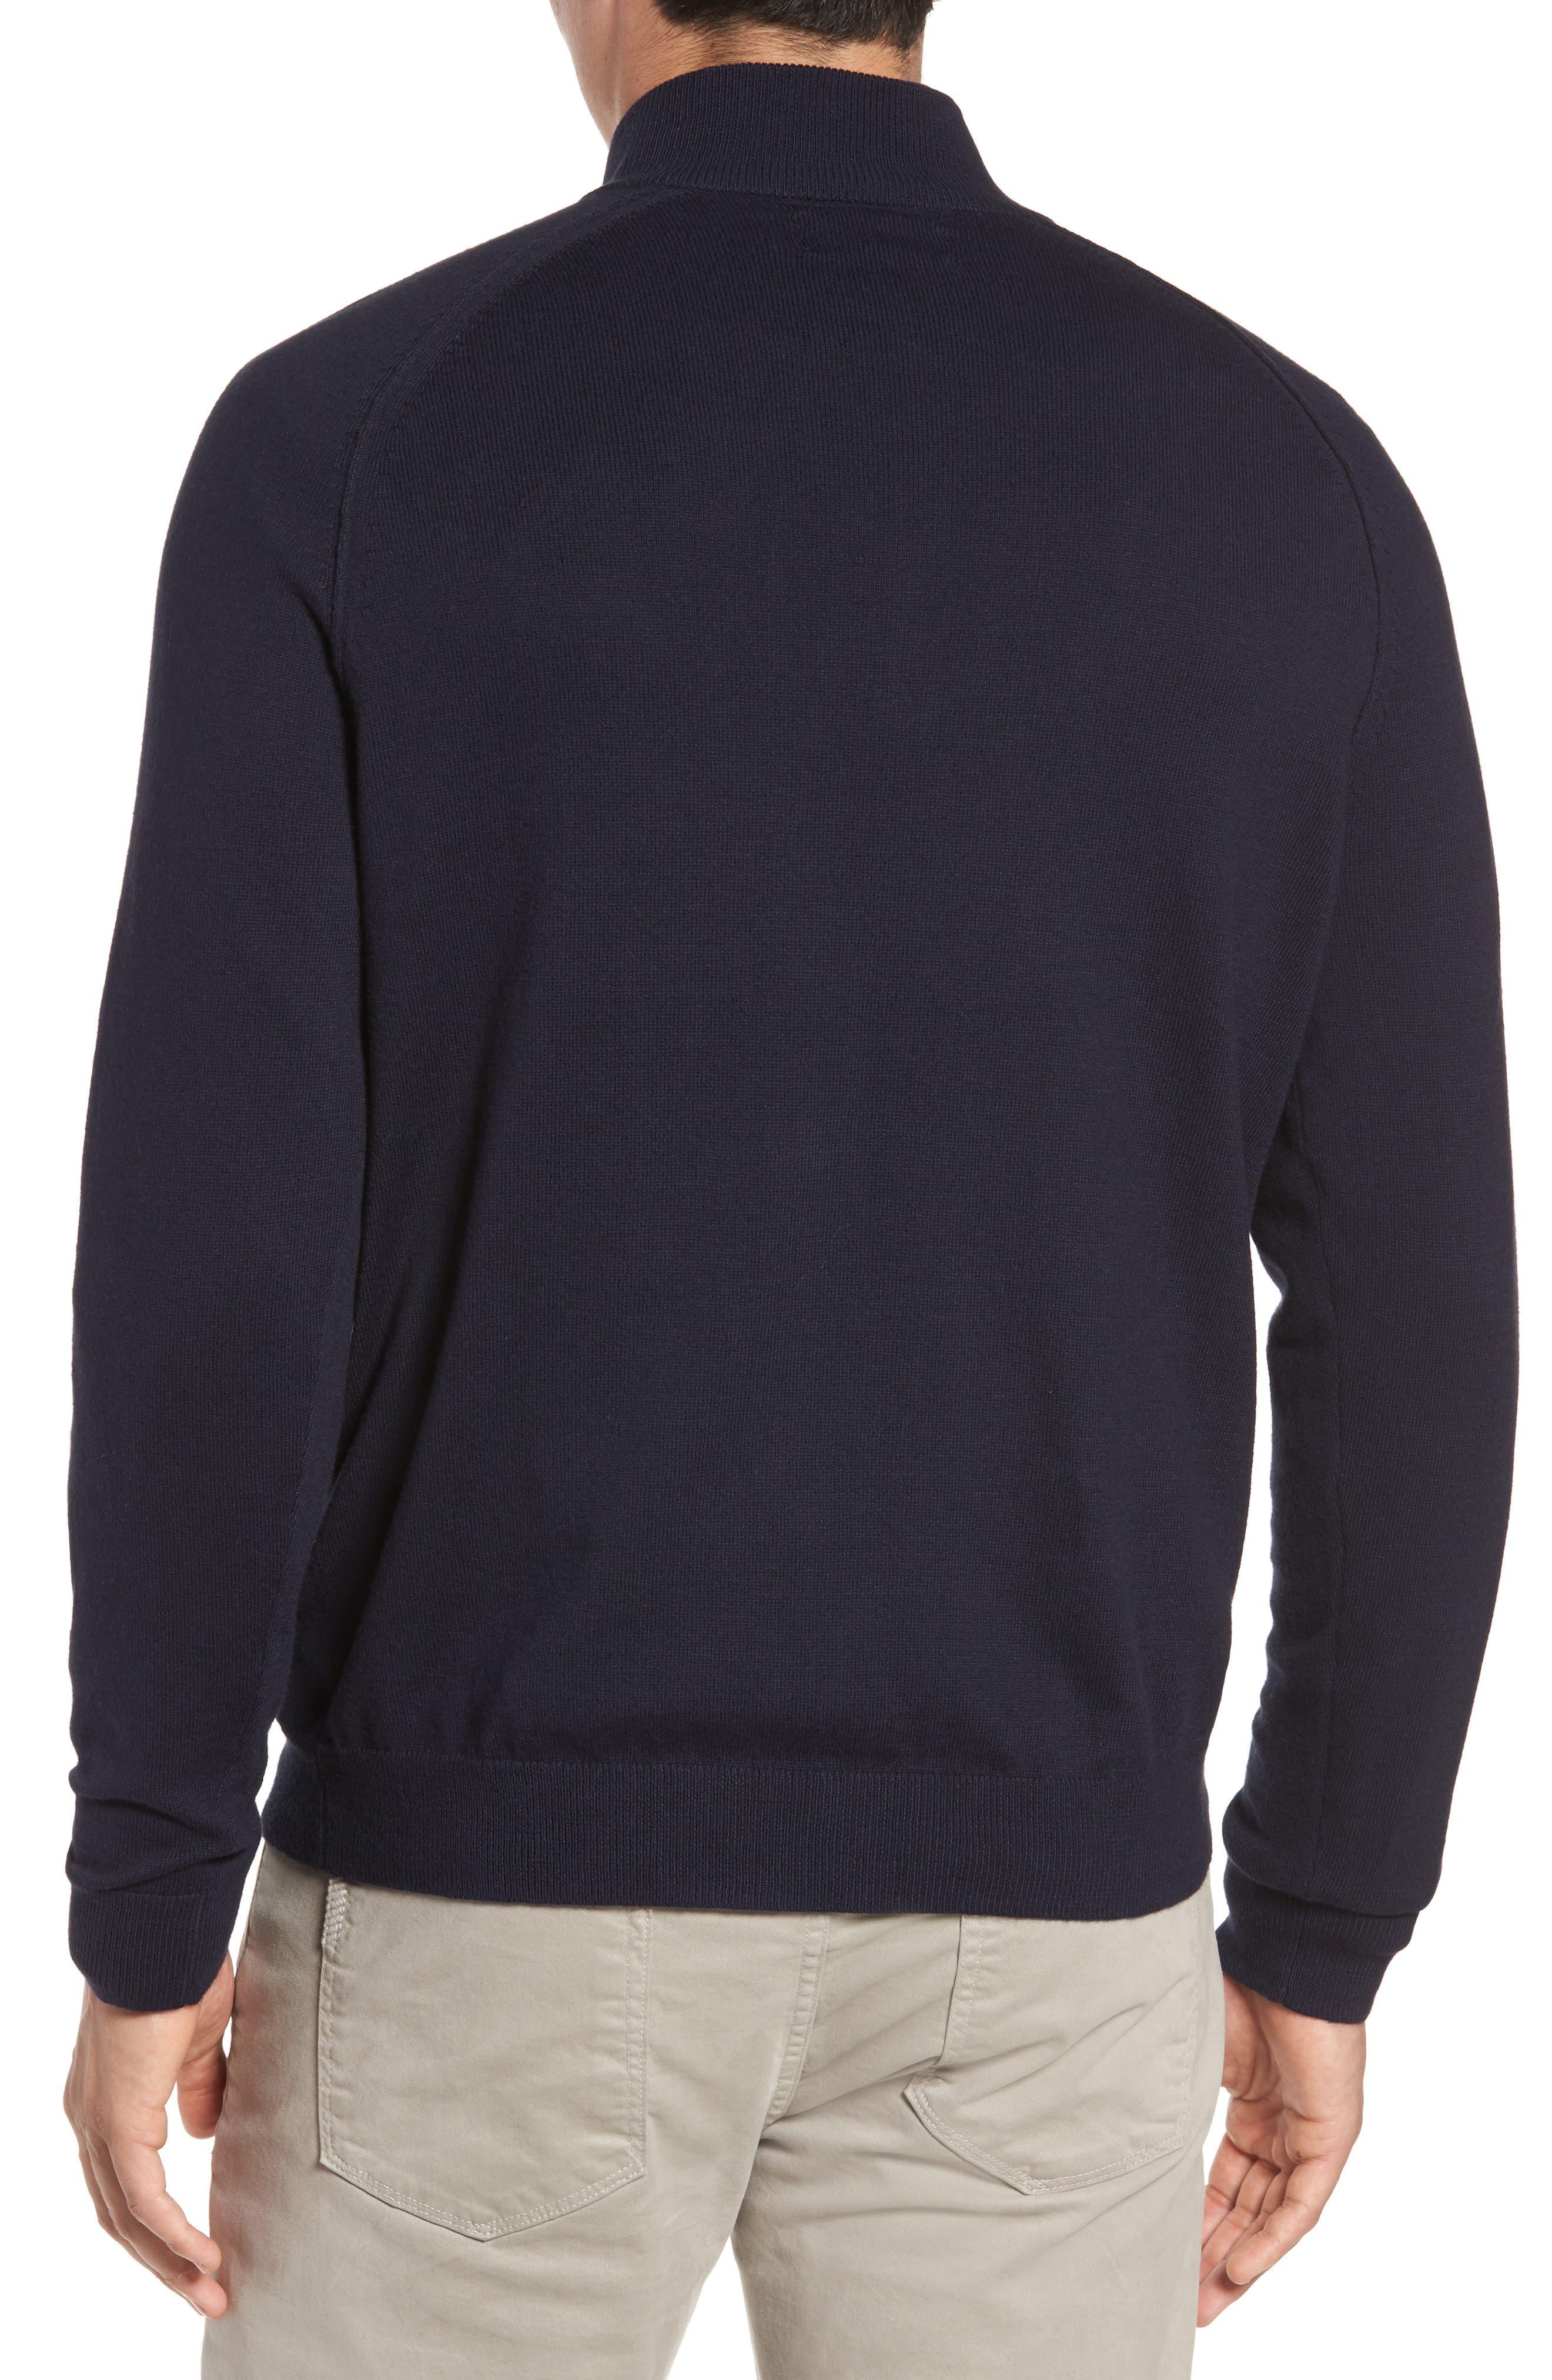 Alternate Image 2  - Nordstrom Men's Shop Saddle Shoulder Quarter Zip Cotton & Cashmere Pullover